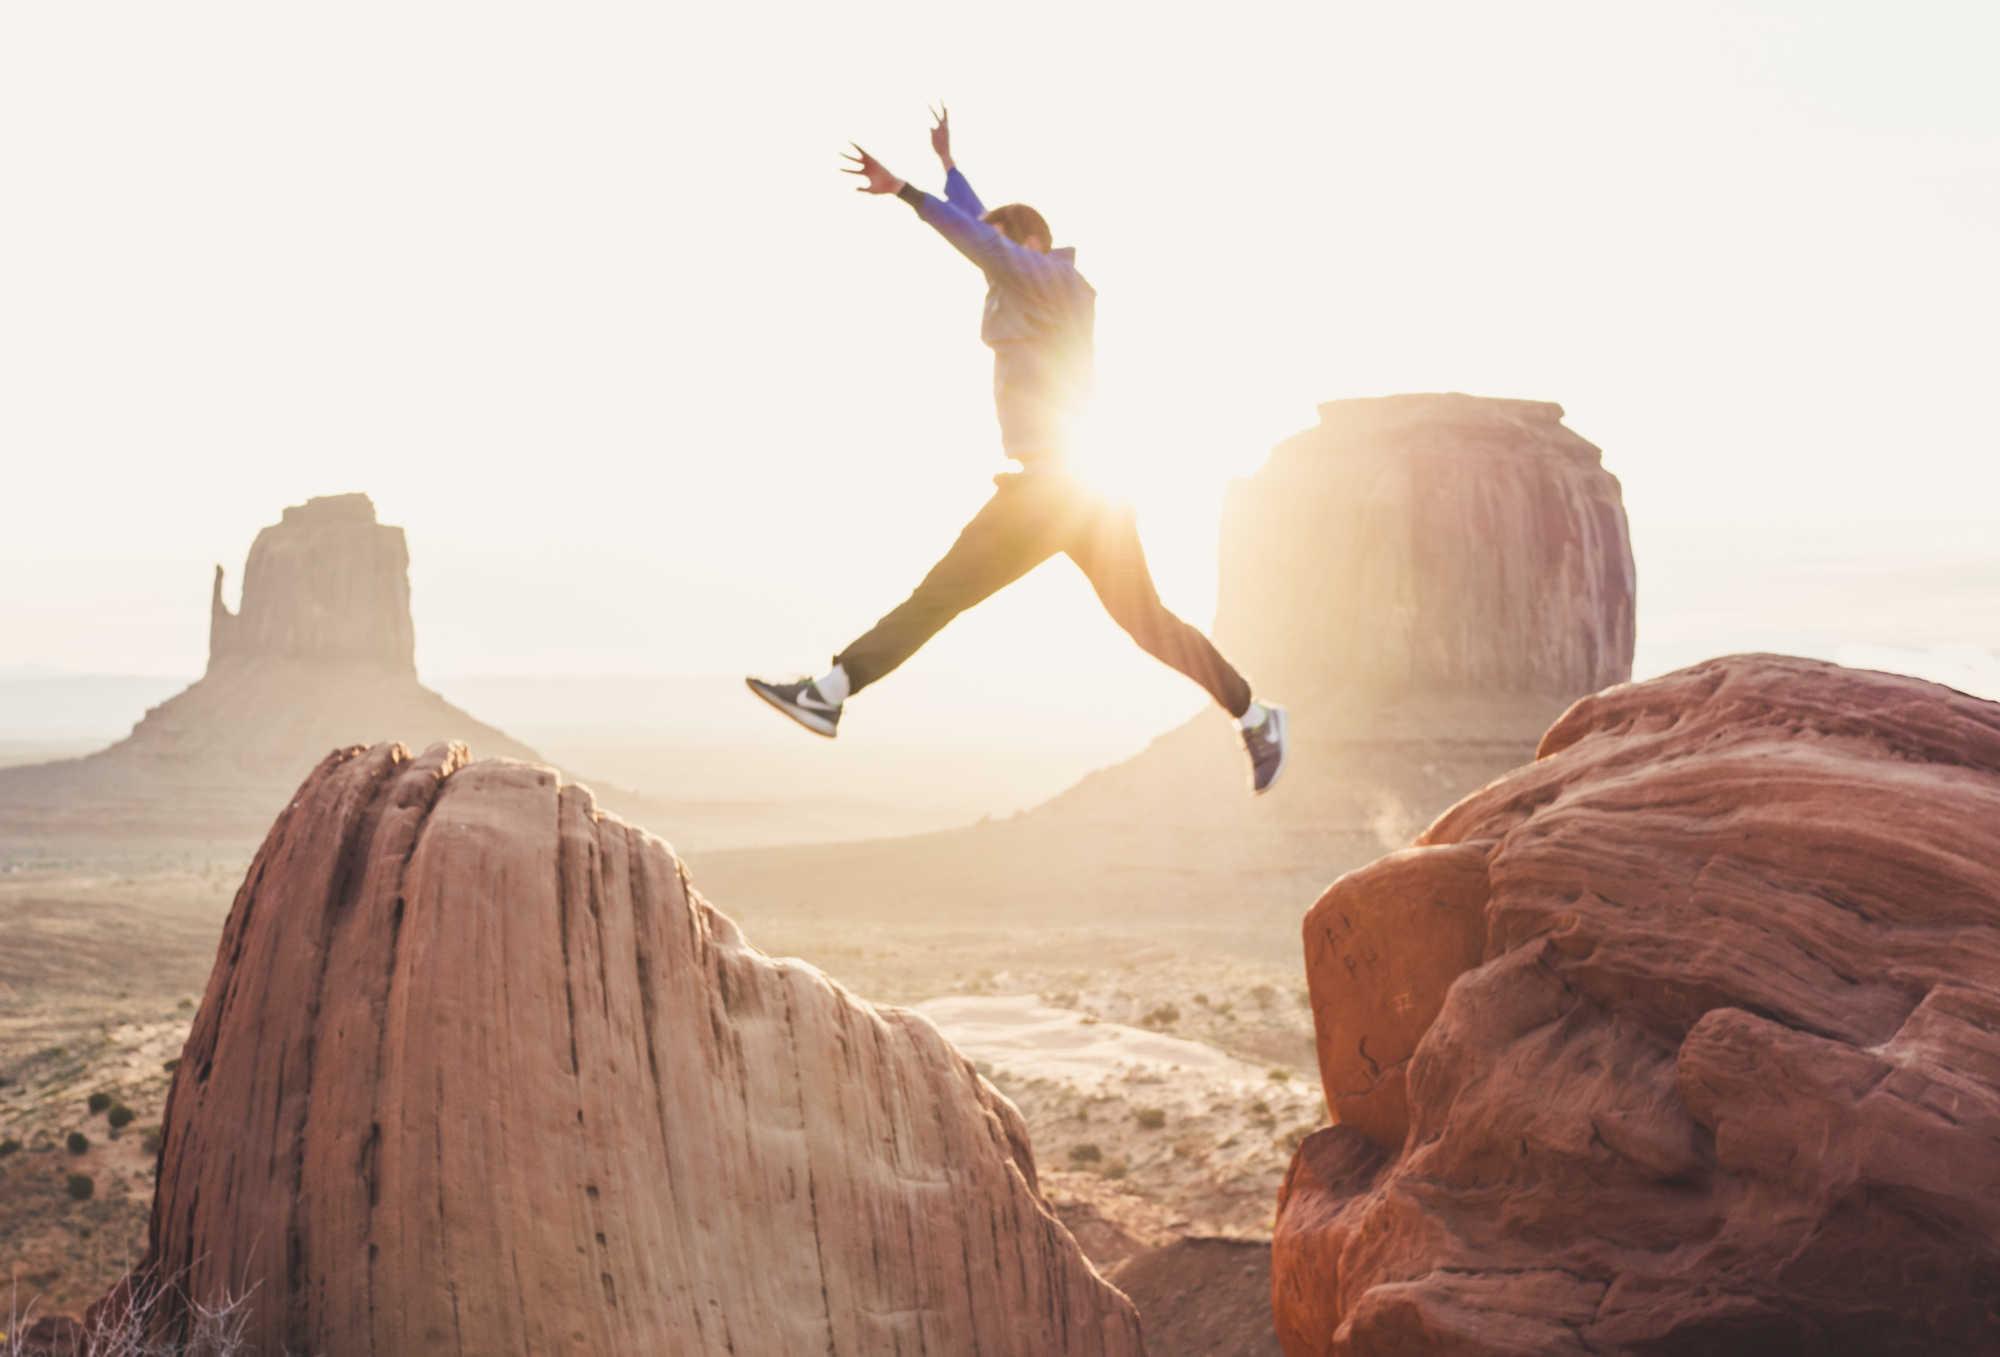 Persévérer envers nos objectifs de vie renforce la santé mentale